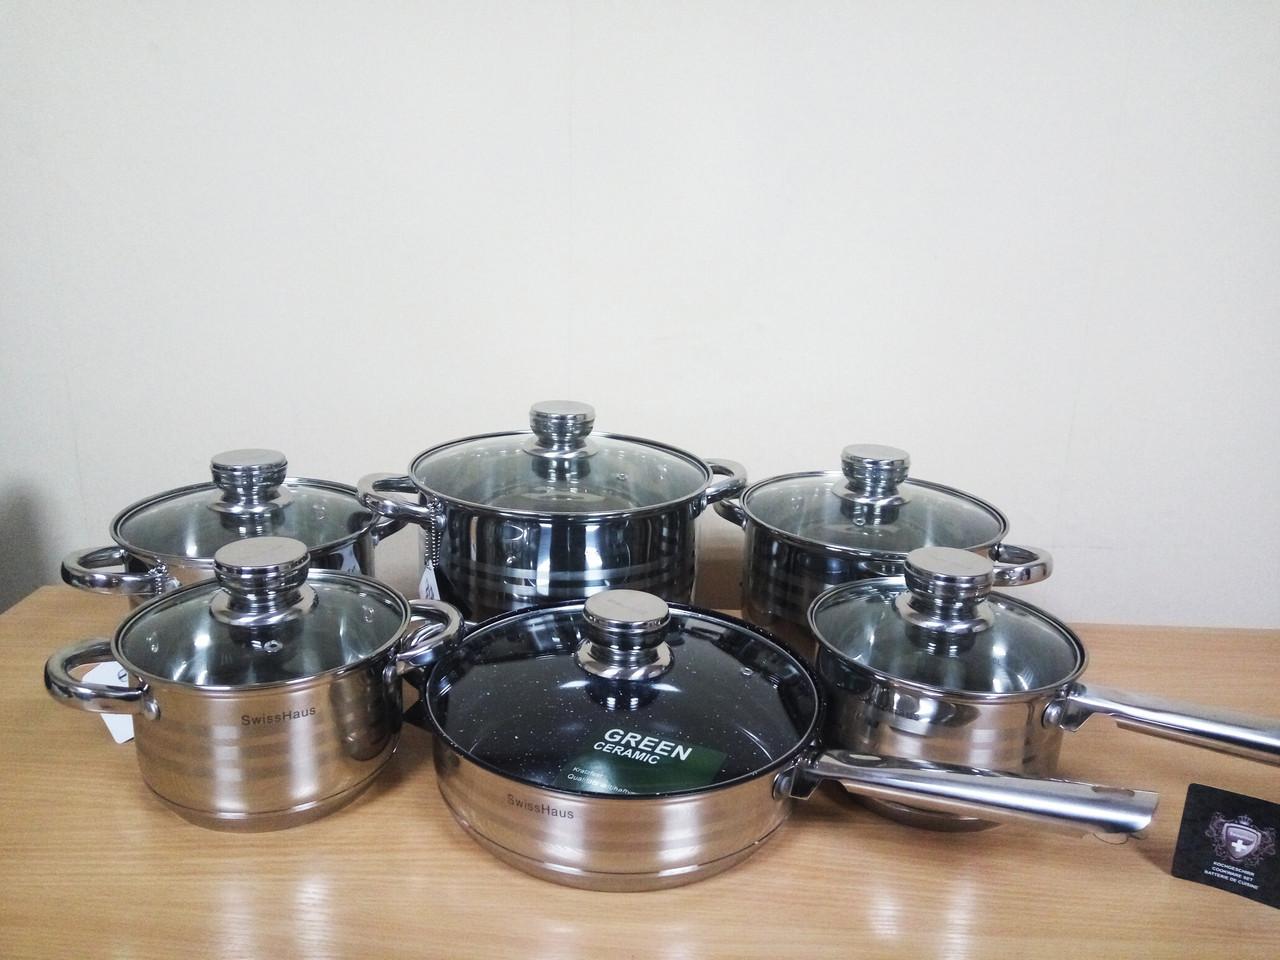 Набор посуды 12 предметов SwissHaus кастрюля, сковородка набір посуди